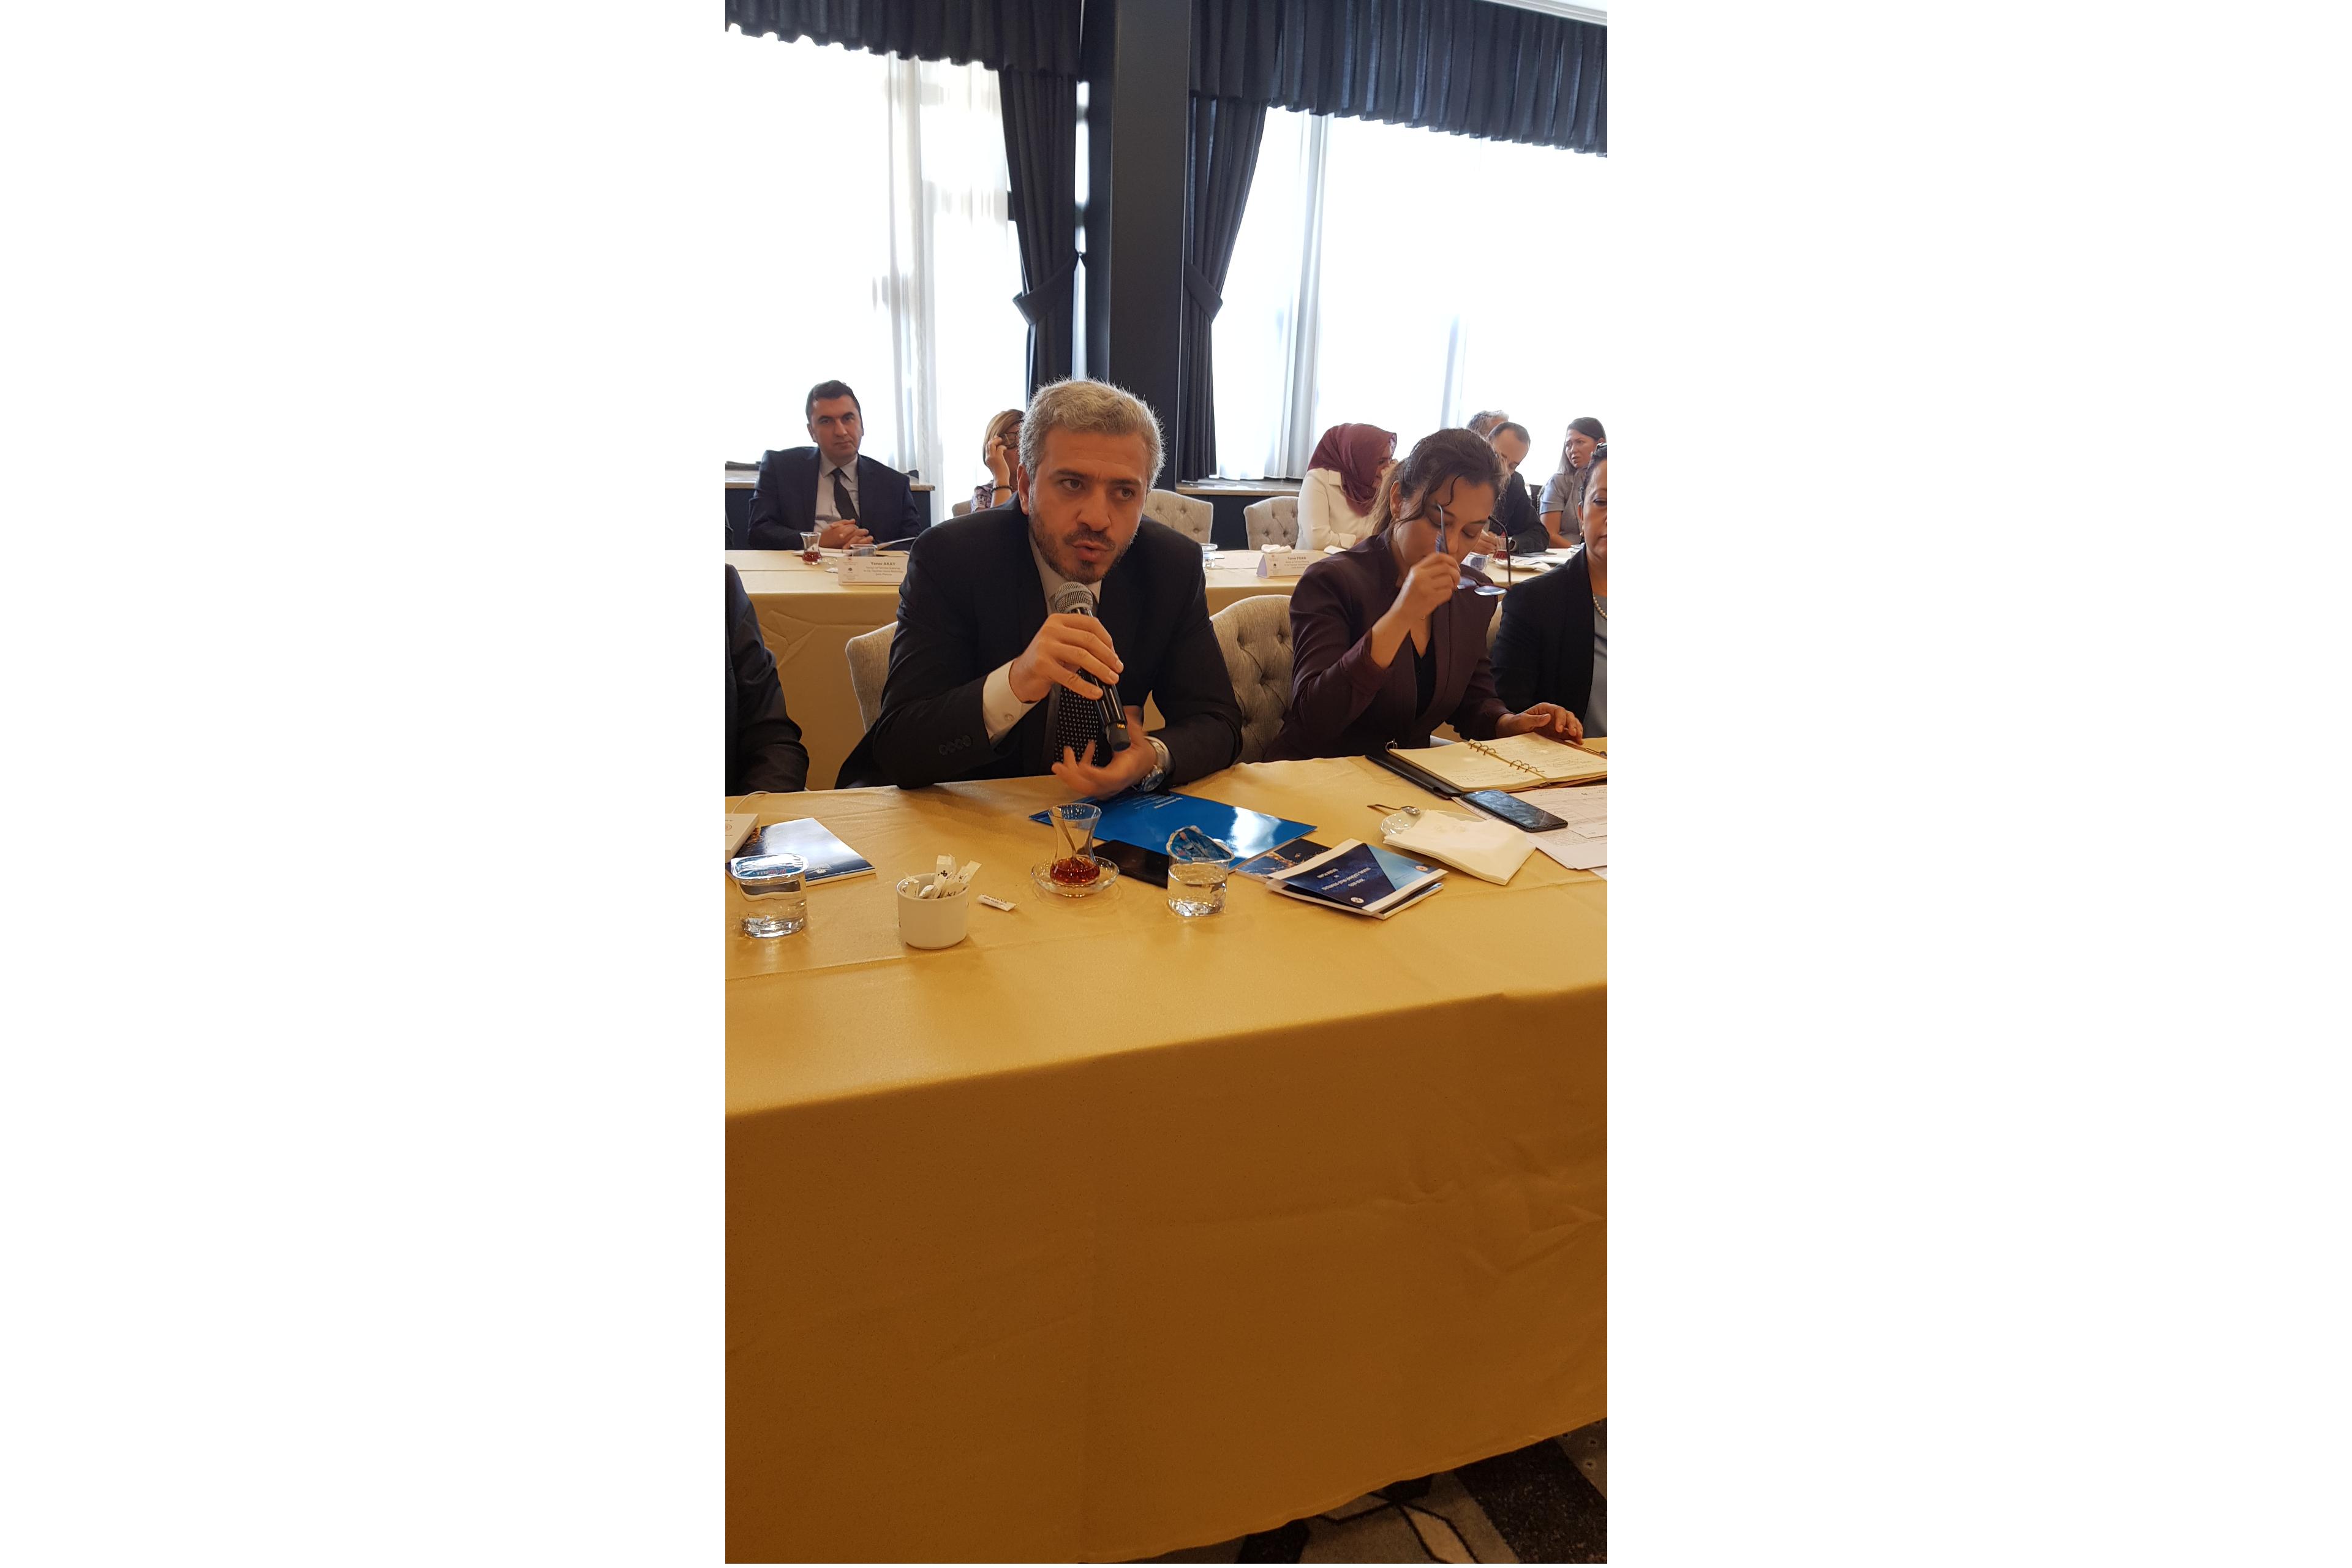 Türkiye Ulusal Coğrafi Bilgi Sistemi (TUCBS) Teknik Komite Toplantısının Dördüncüsü Gerçekleştirildi.